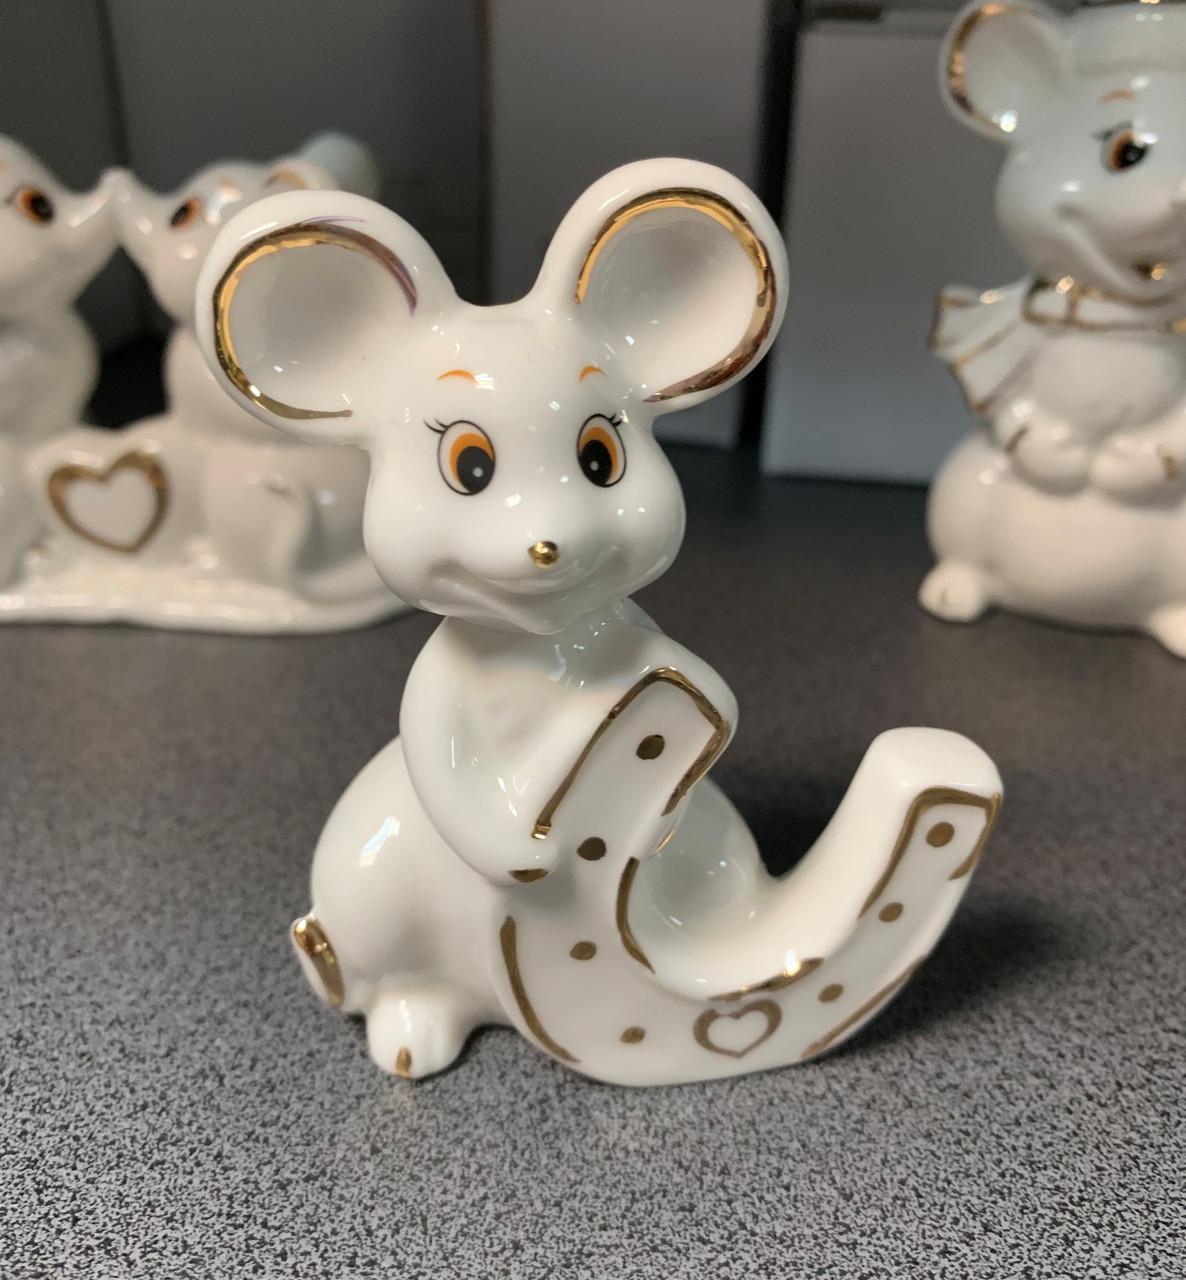 Статуэтка Мышка с подковой 149-412. Символ 2020 года